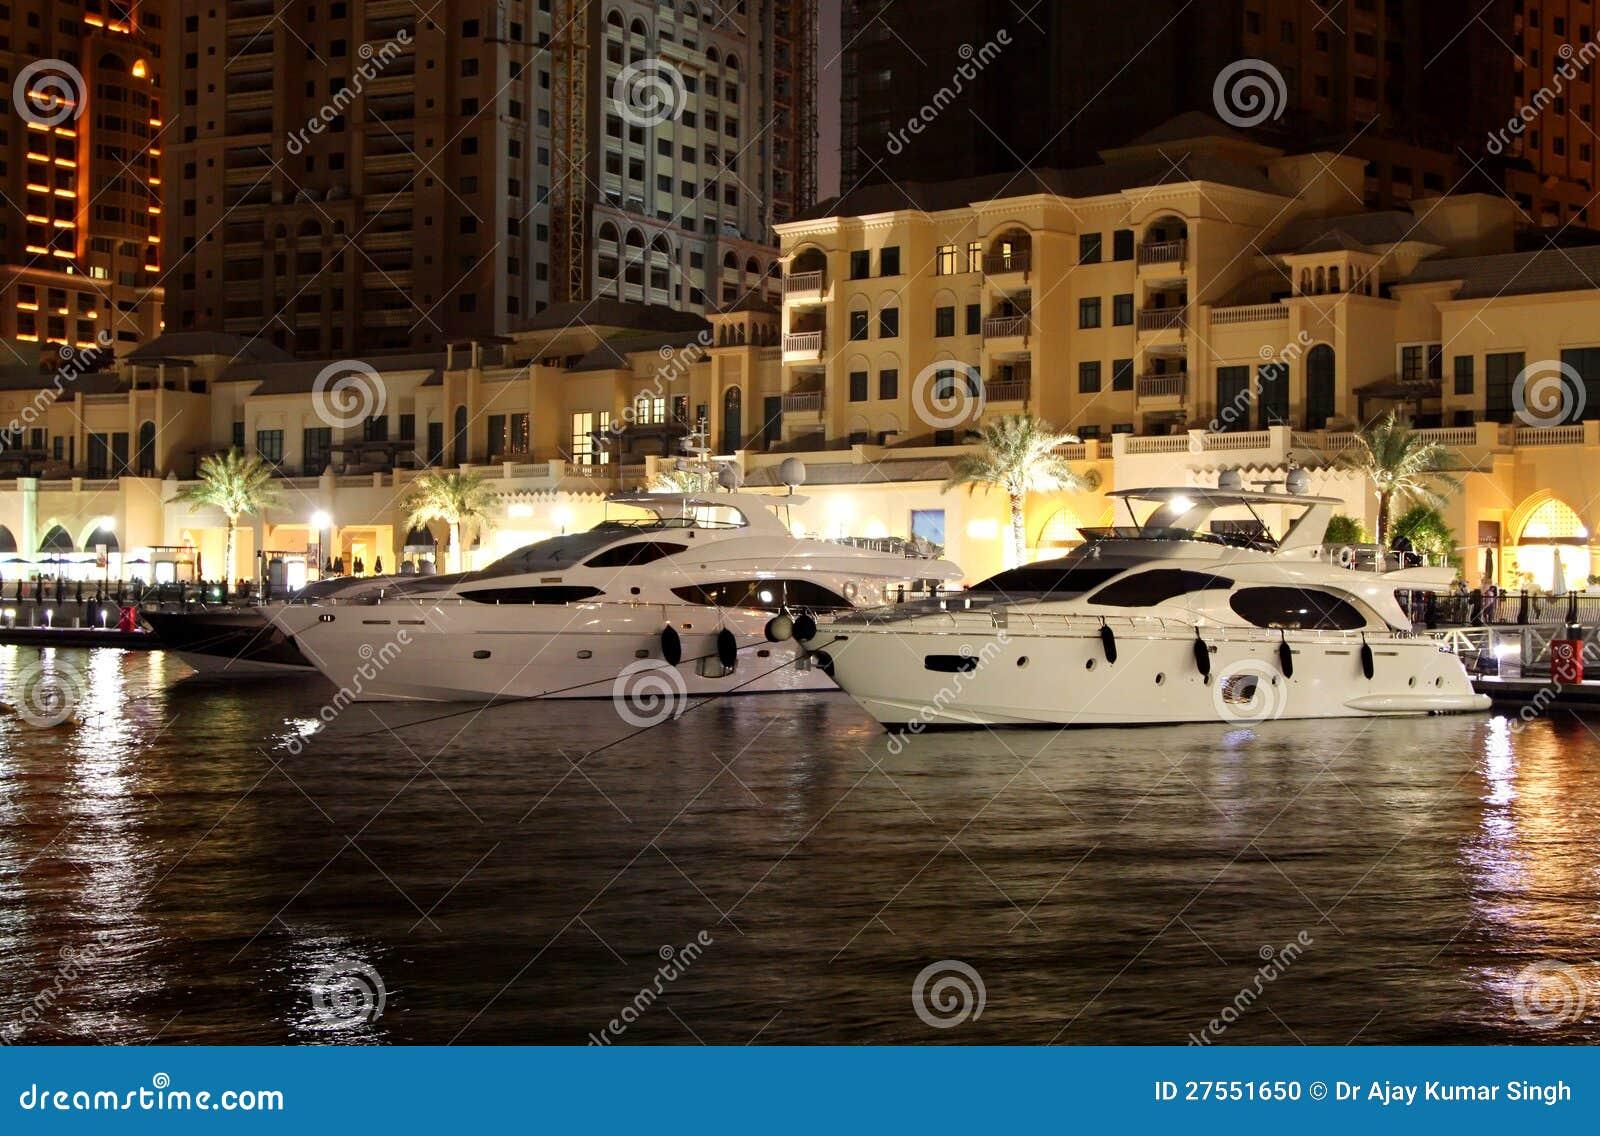 Luksusowe łodzie luksusowe w perełkowy Katar